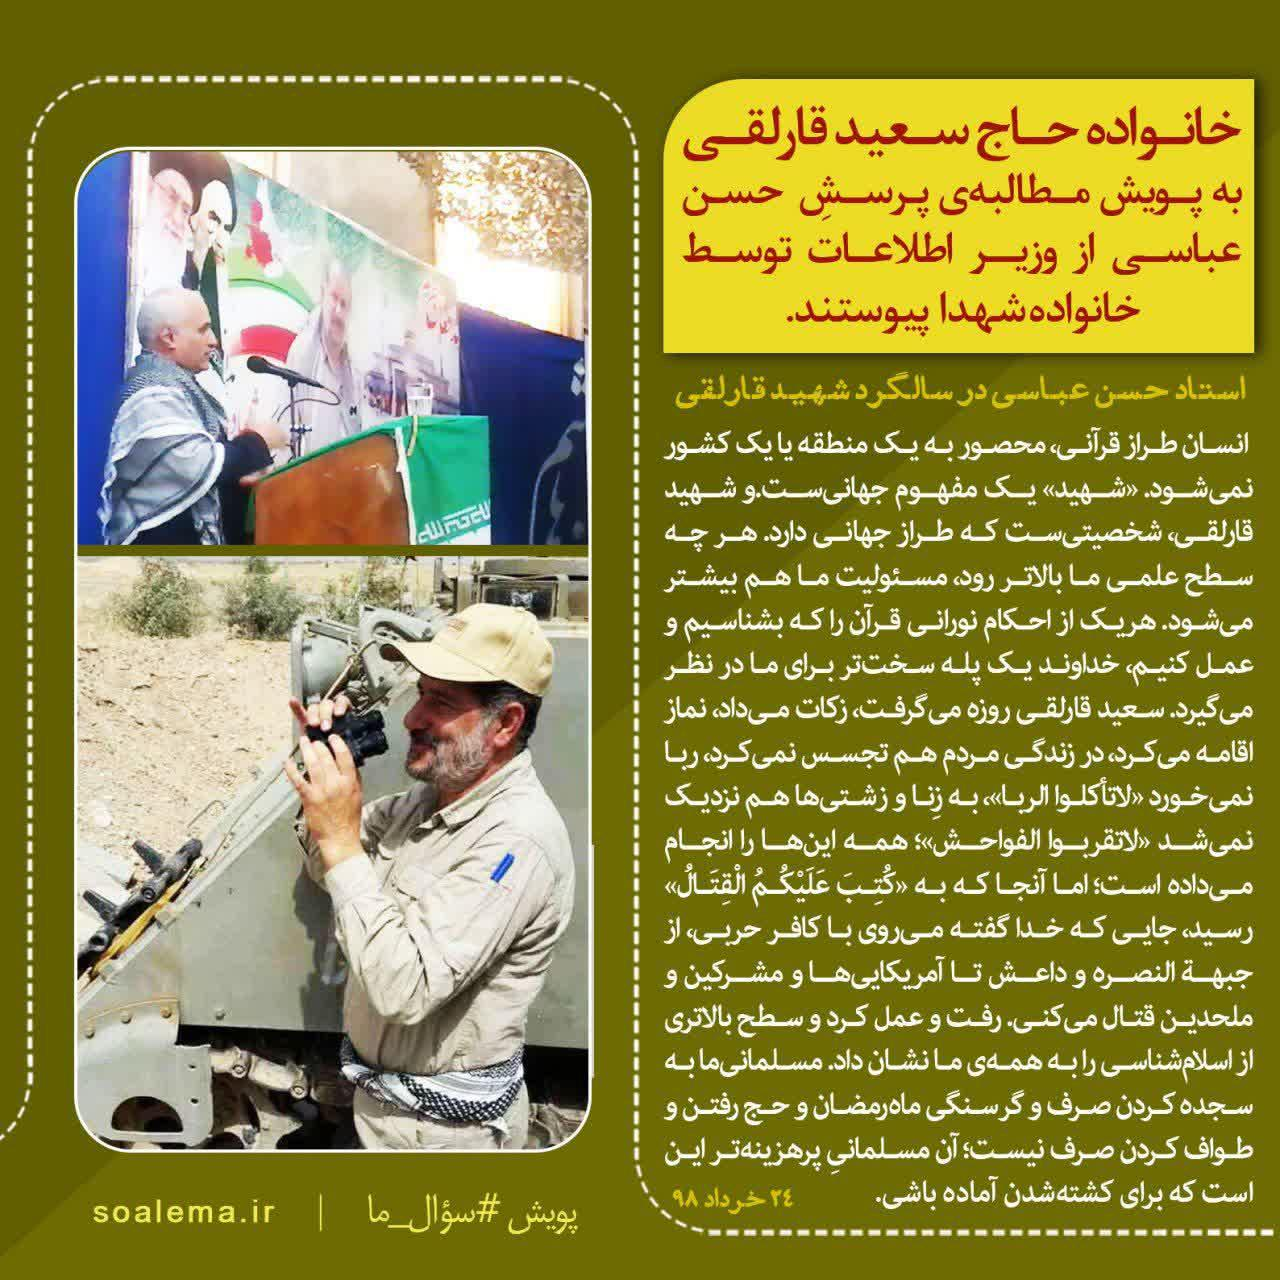 http://dl-abbasi.ir/yekta/1398/Graphic/Shohada/Shakhes11.jpg